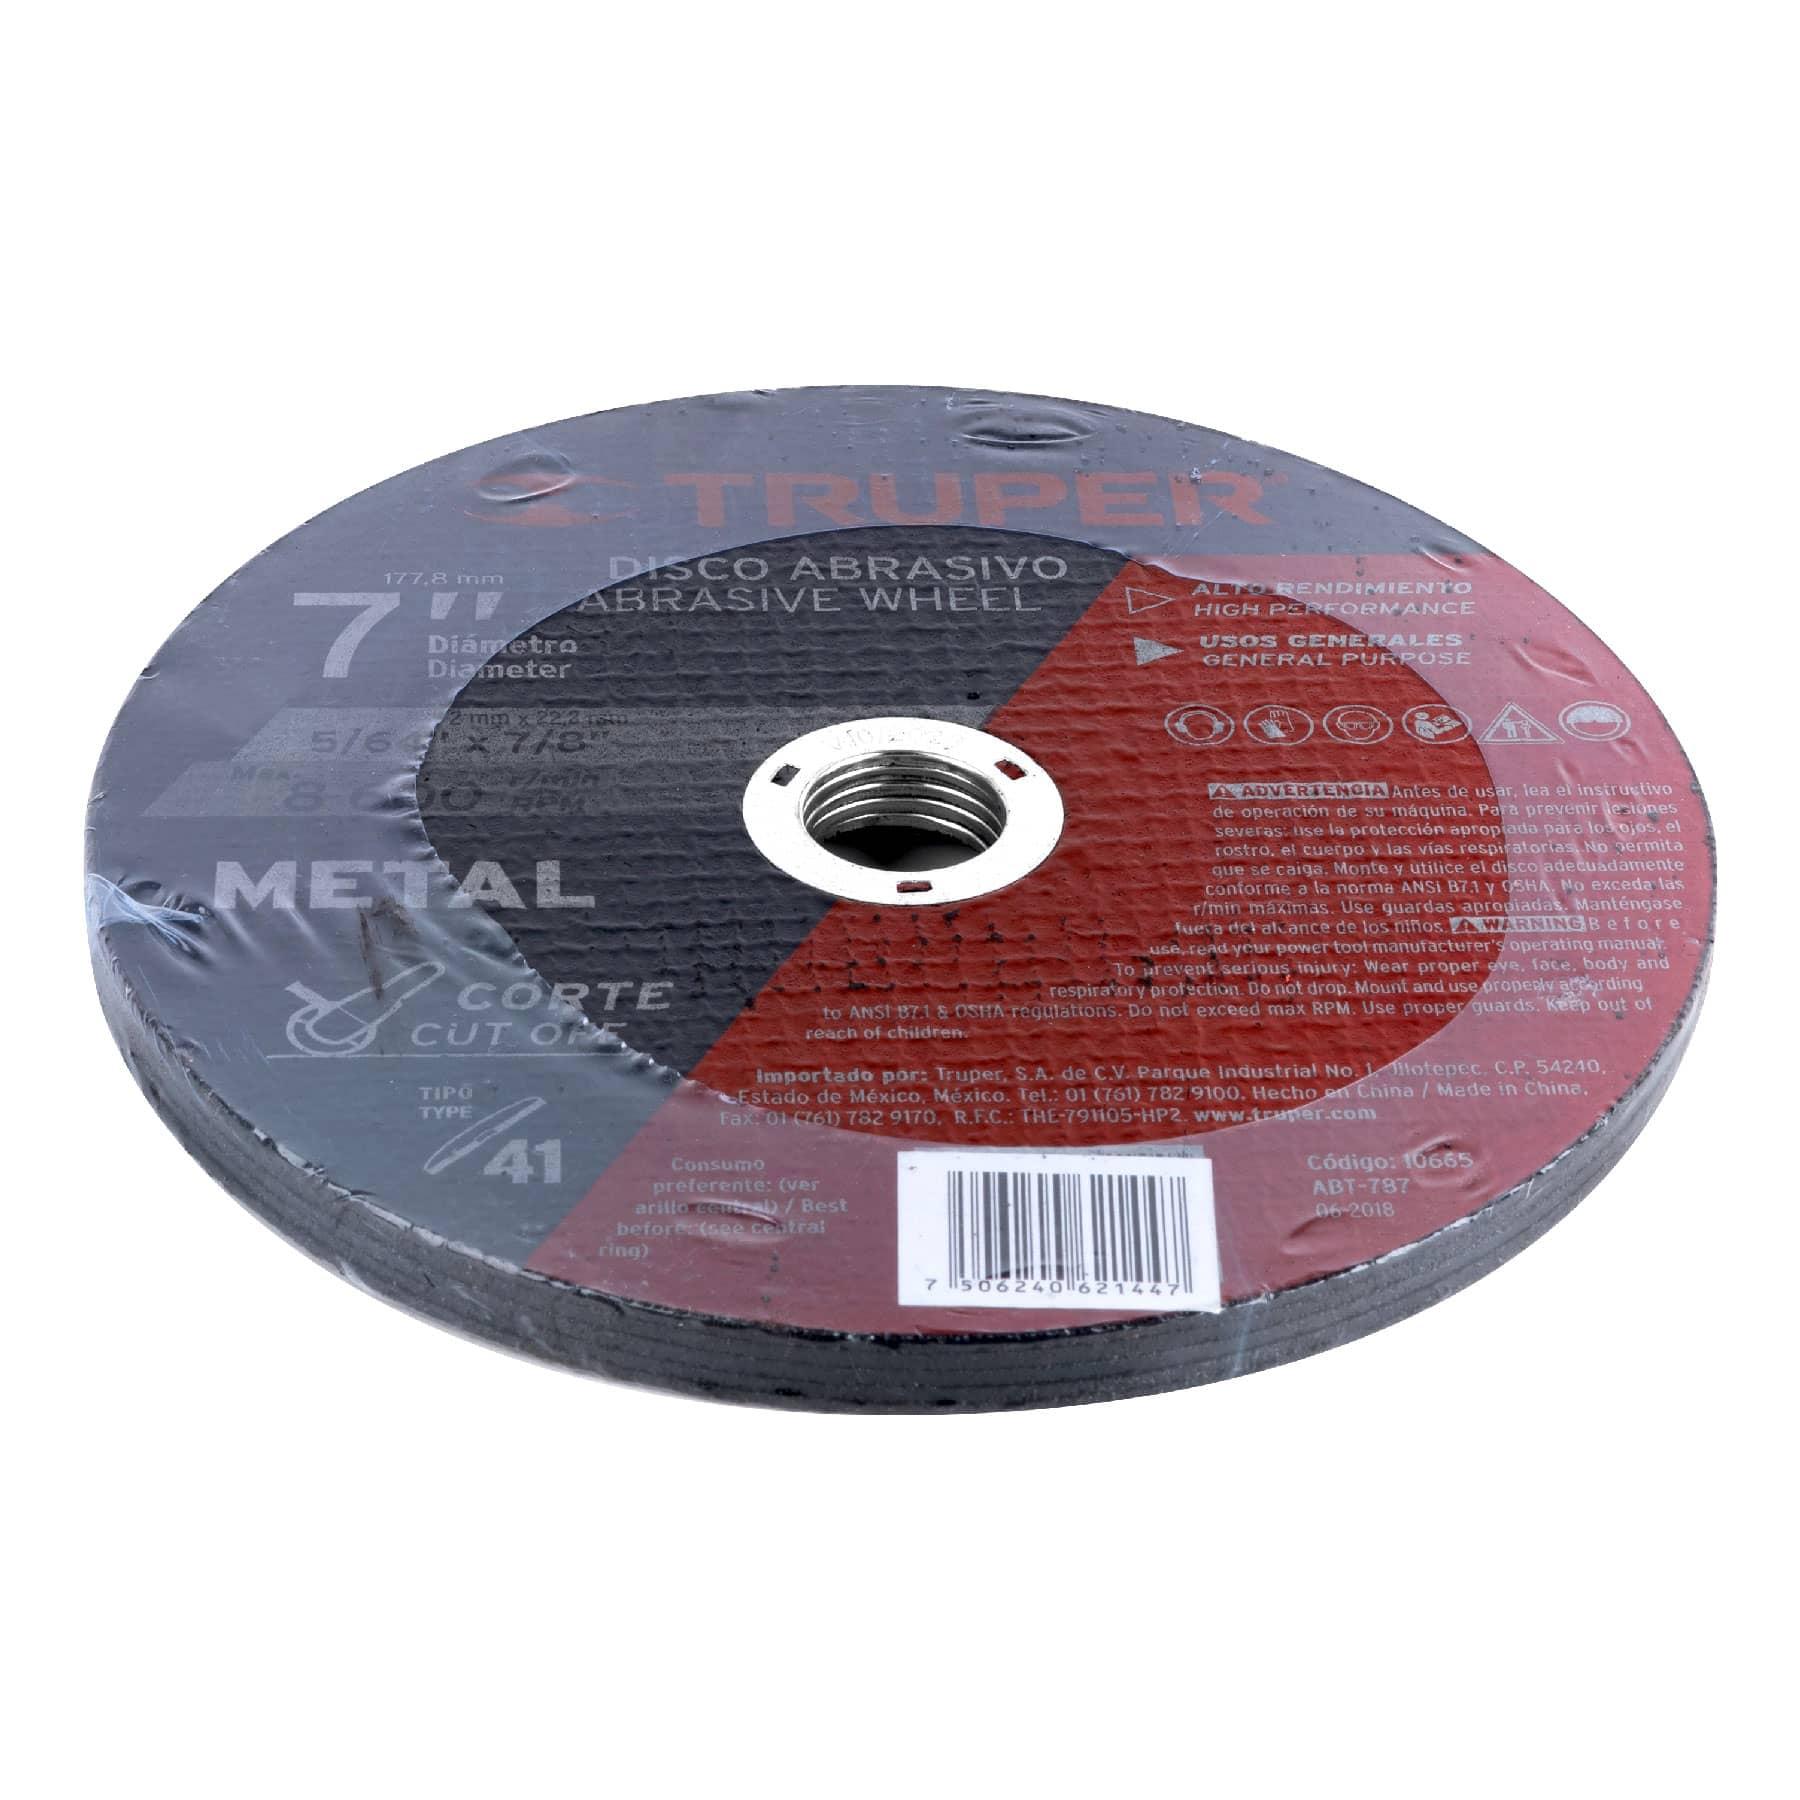 Disco para corte de metal, tipo 41, diámetro 7